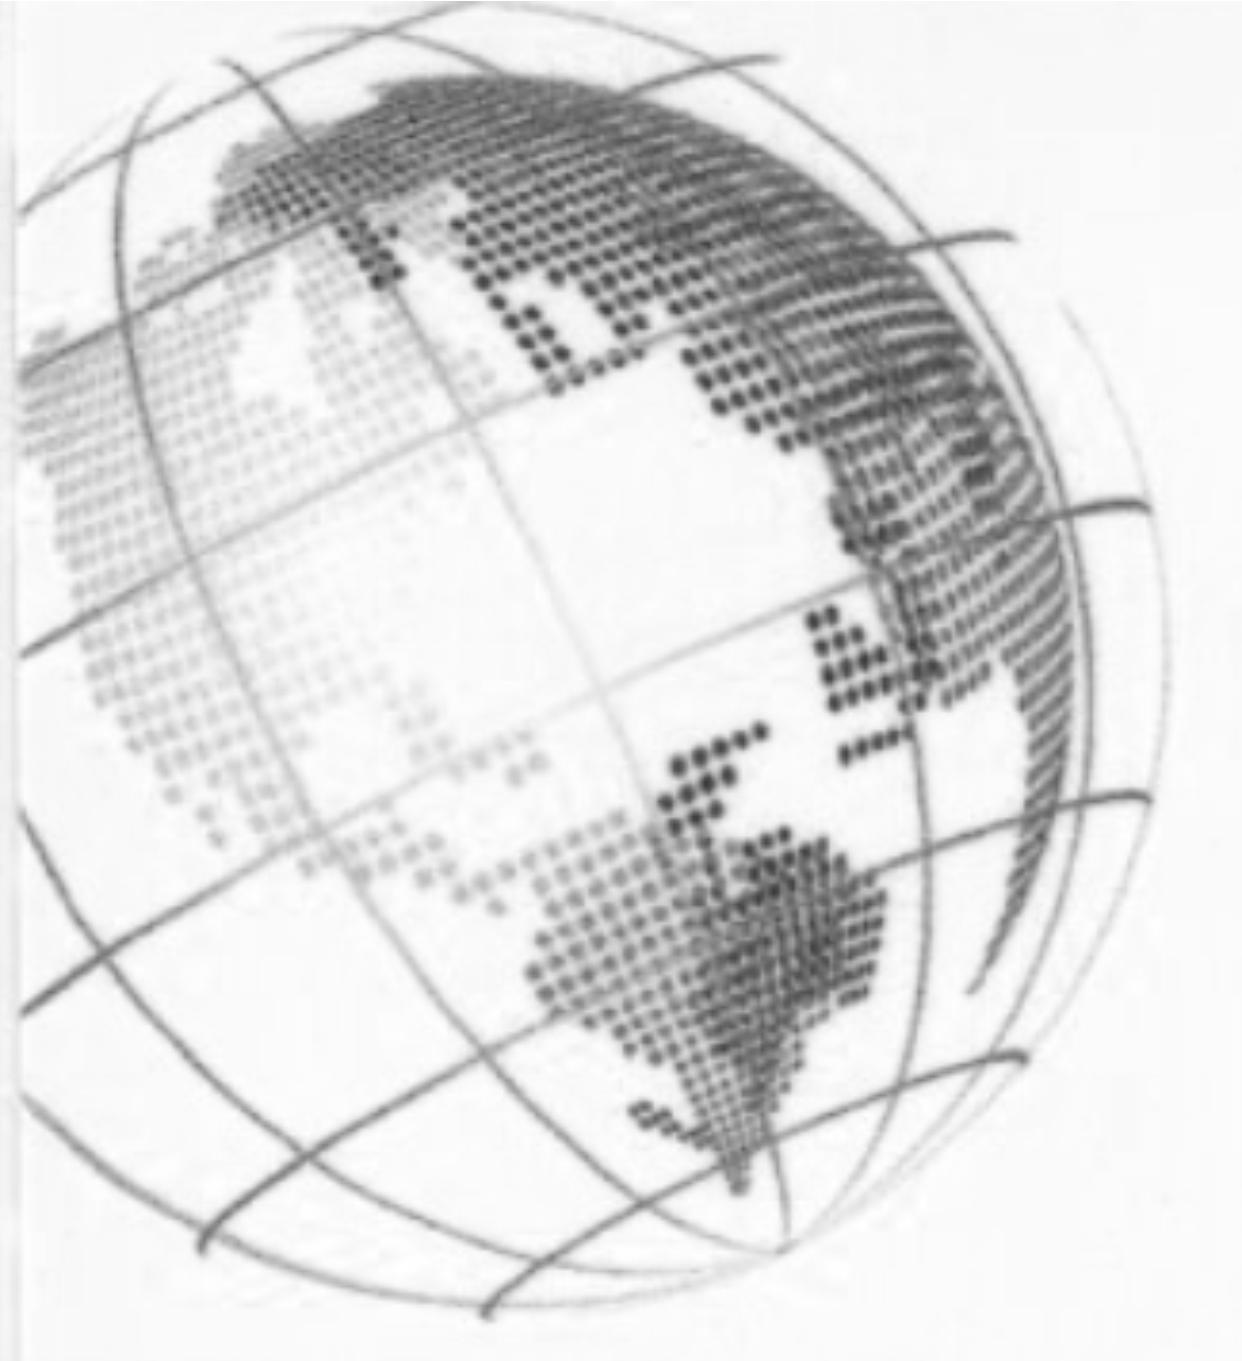 GLOBAL VOYAGE